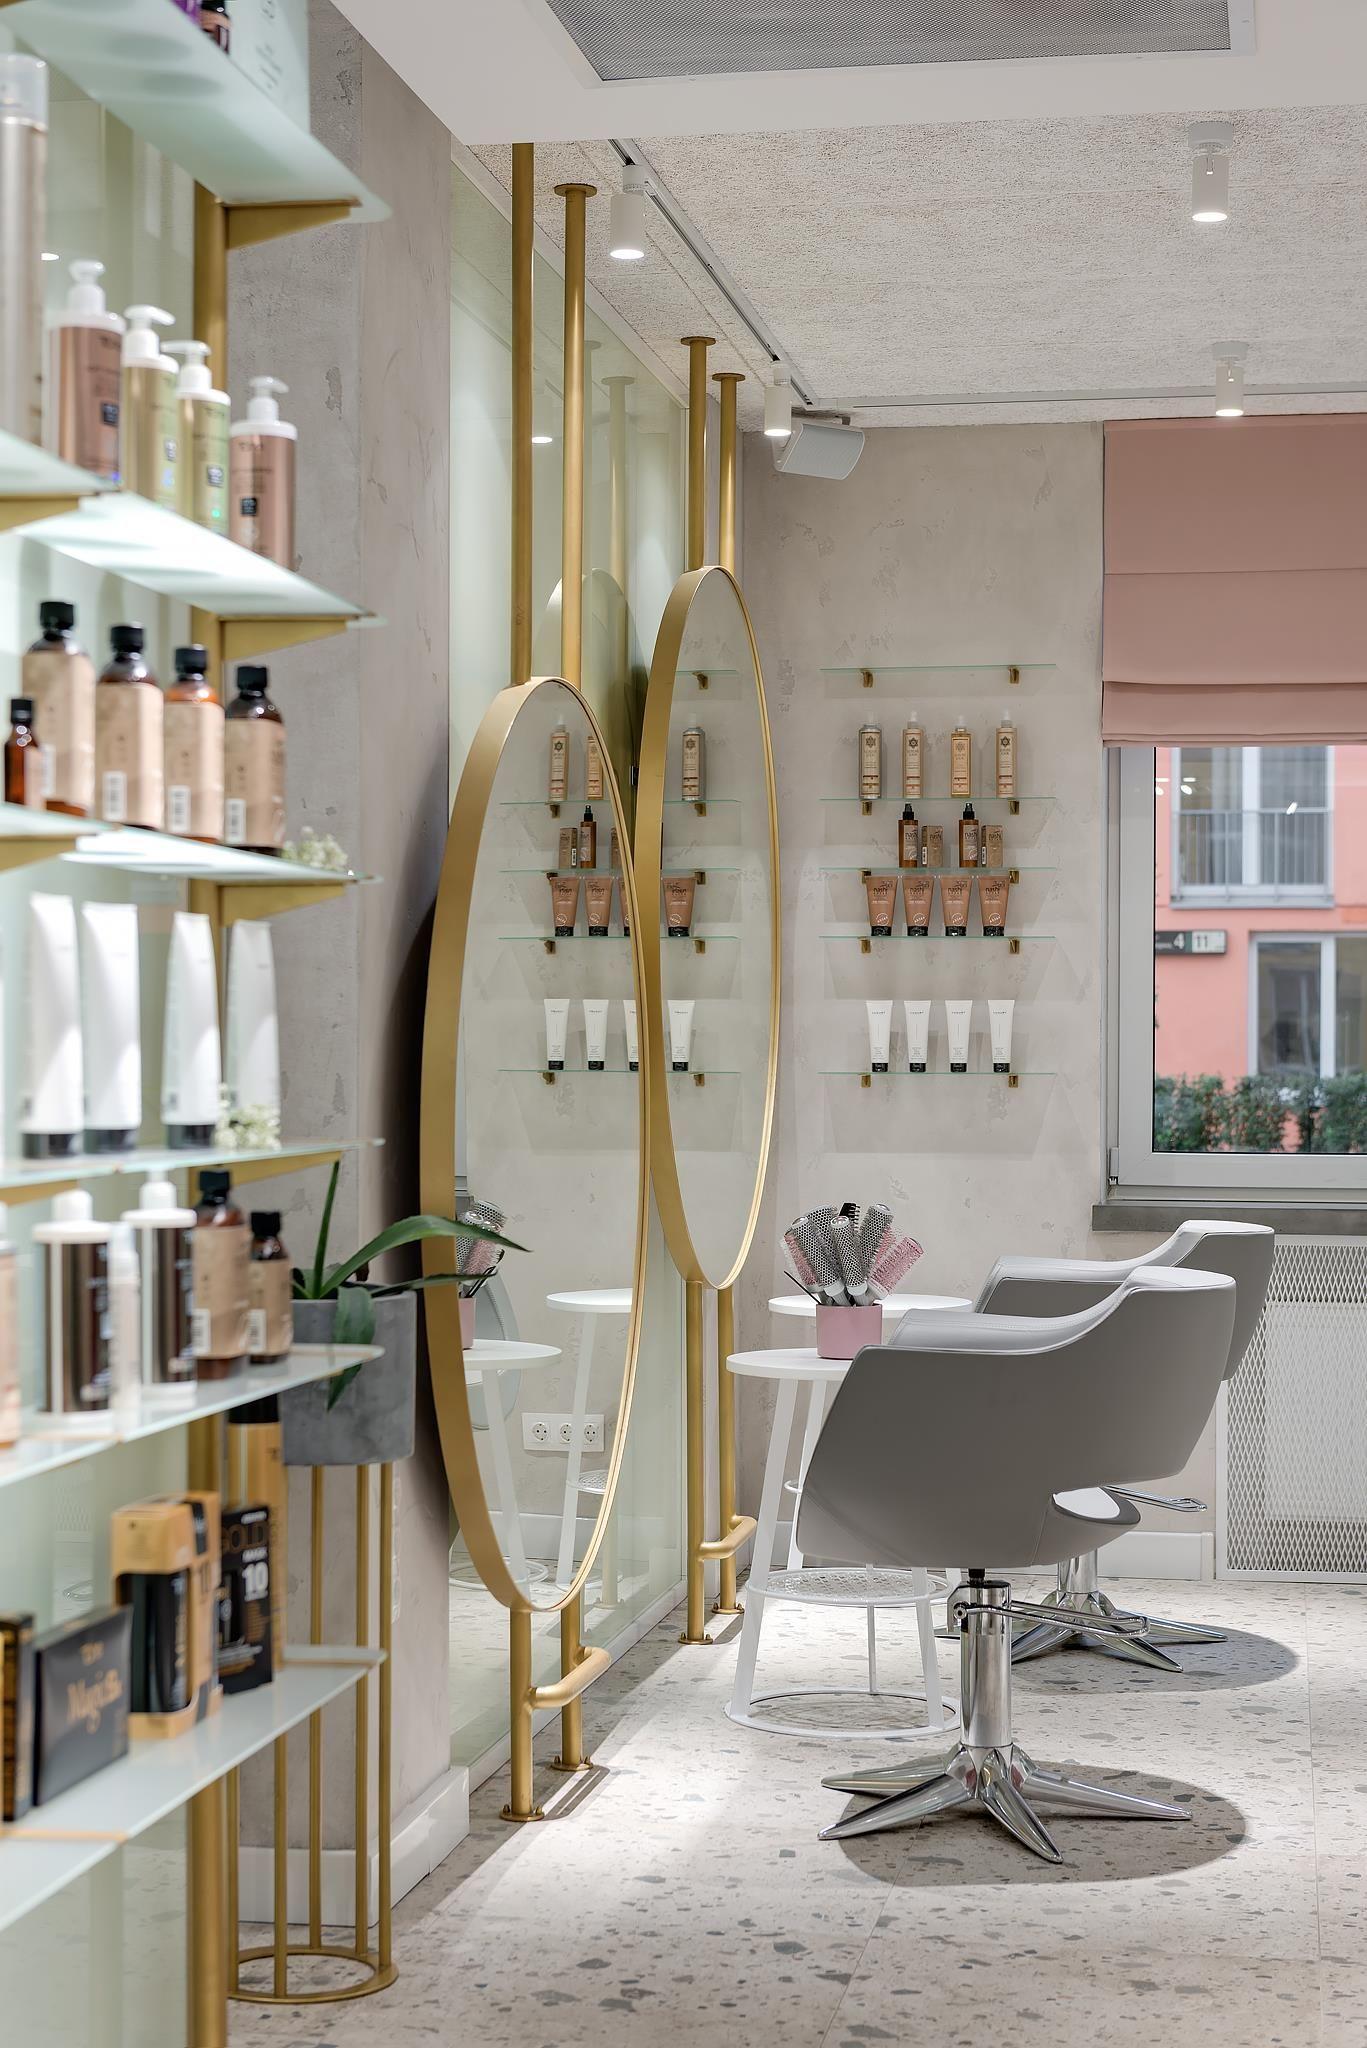 Pin De Yaneyra Hilario Em Salon Sala De Beleza Moveis Para Salao Livros De Design De Interiores